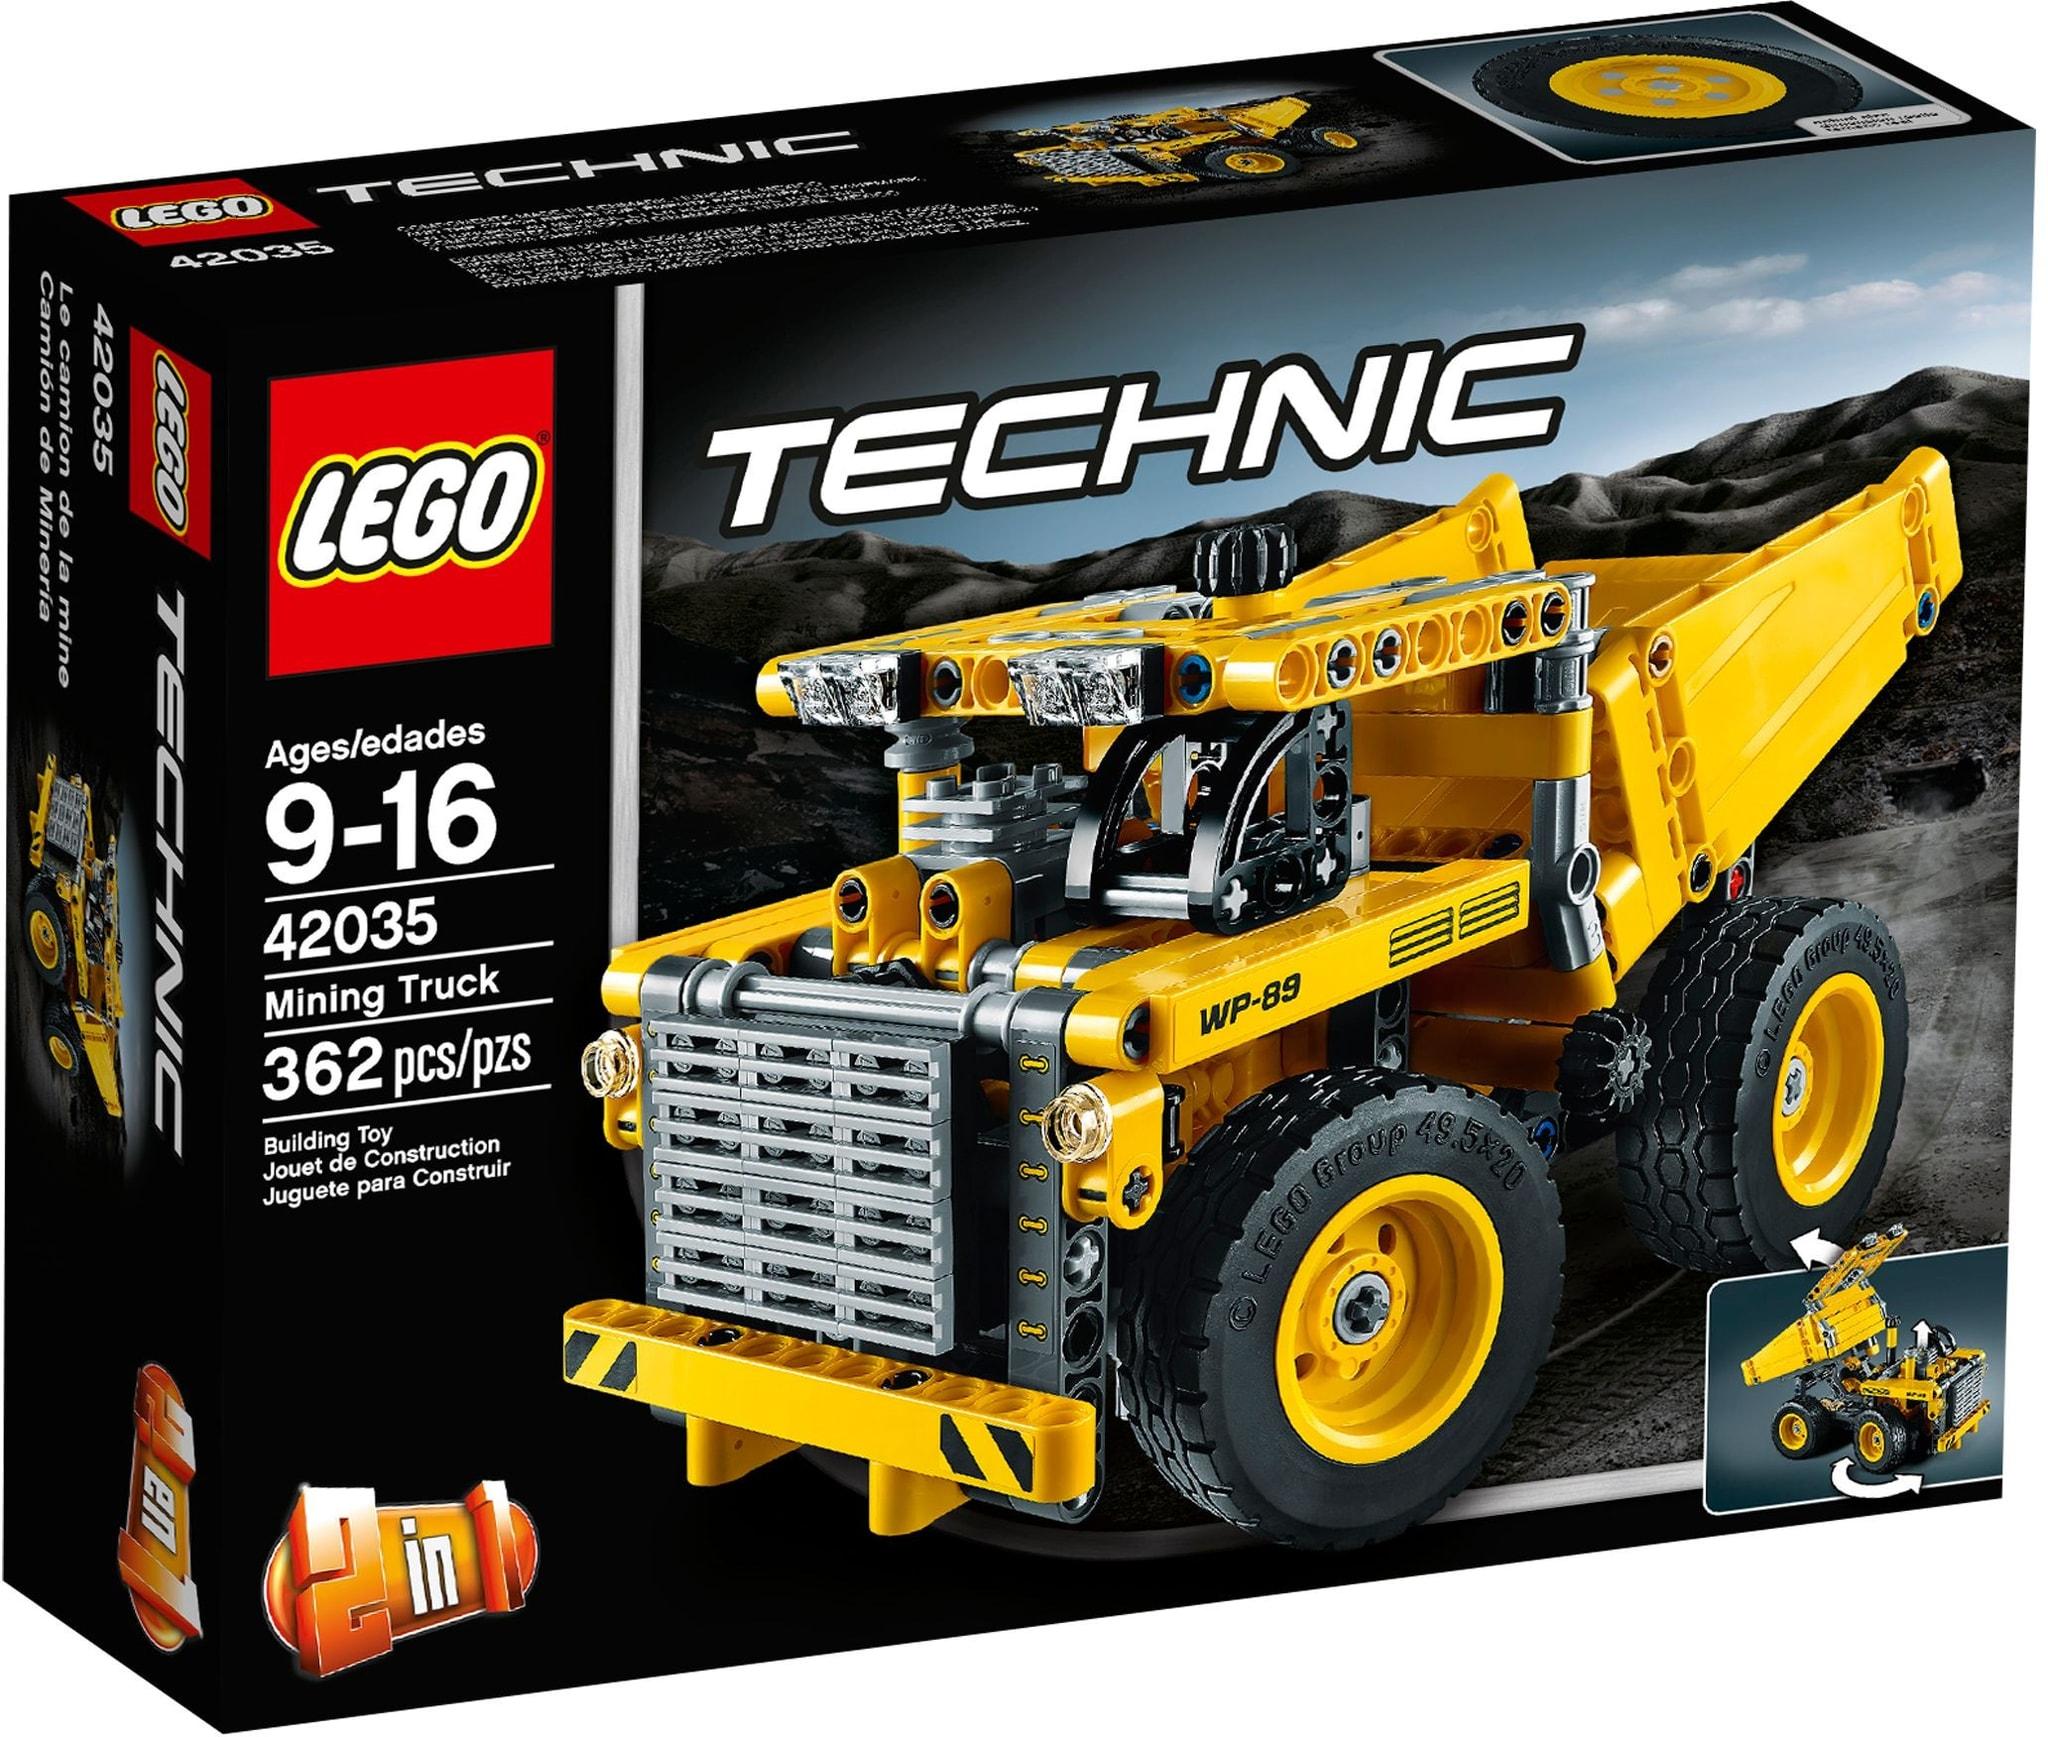 LEGO 42035 - Technic - Mining Truck